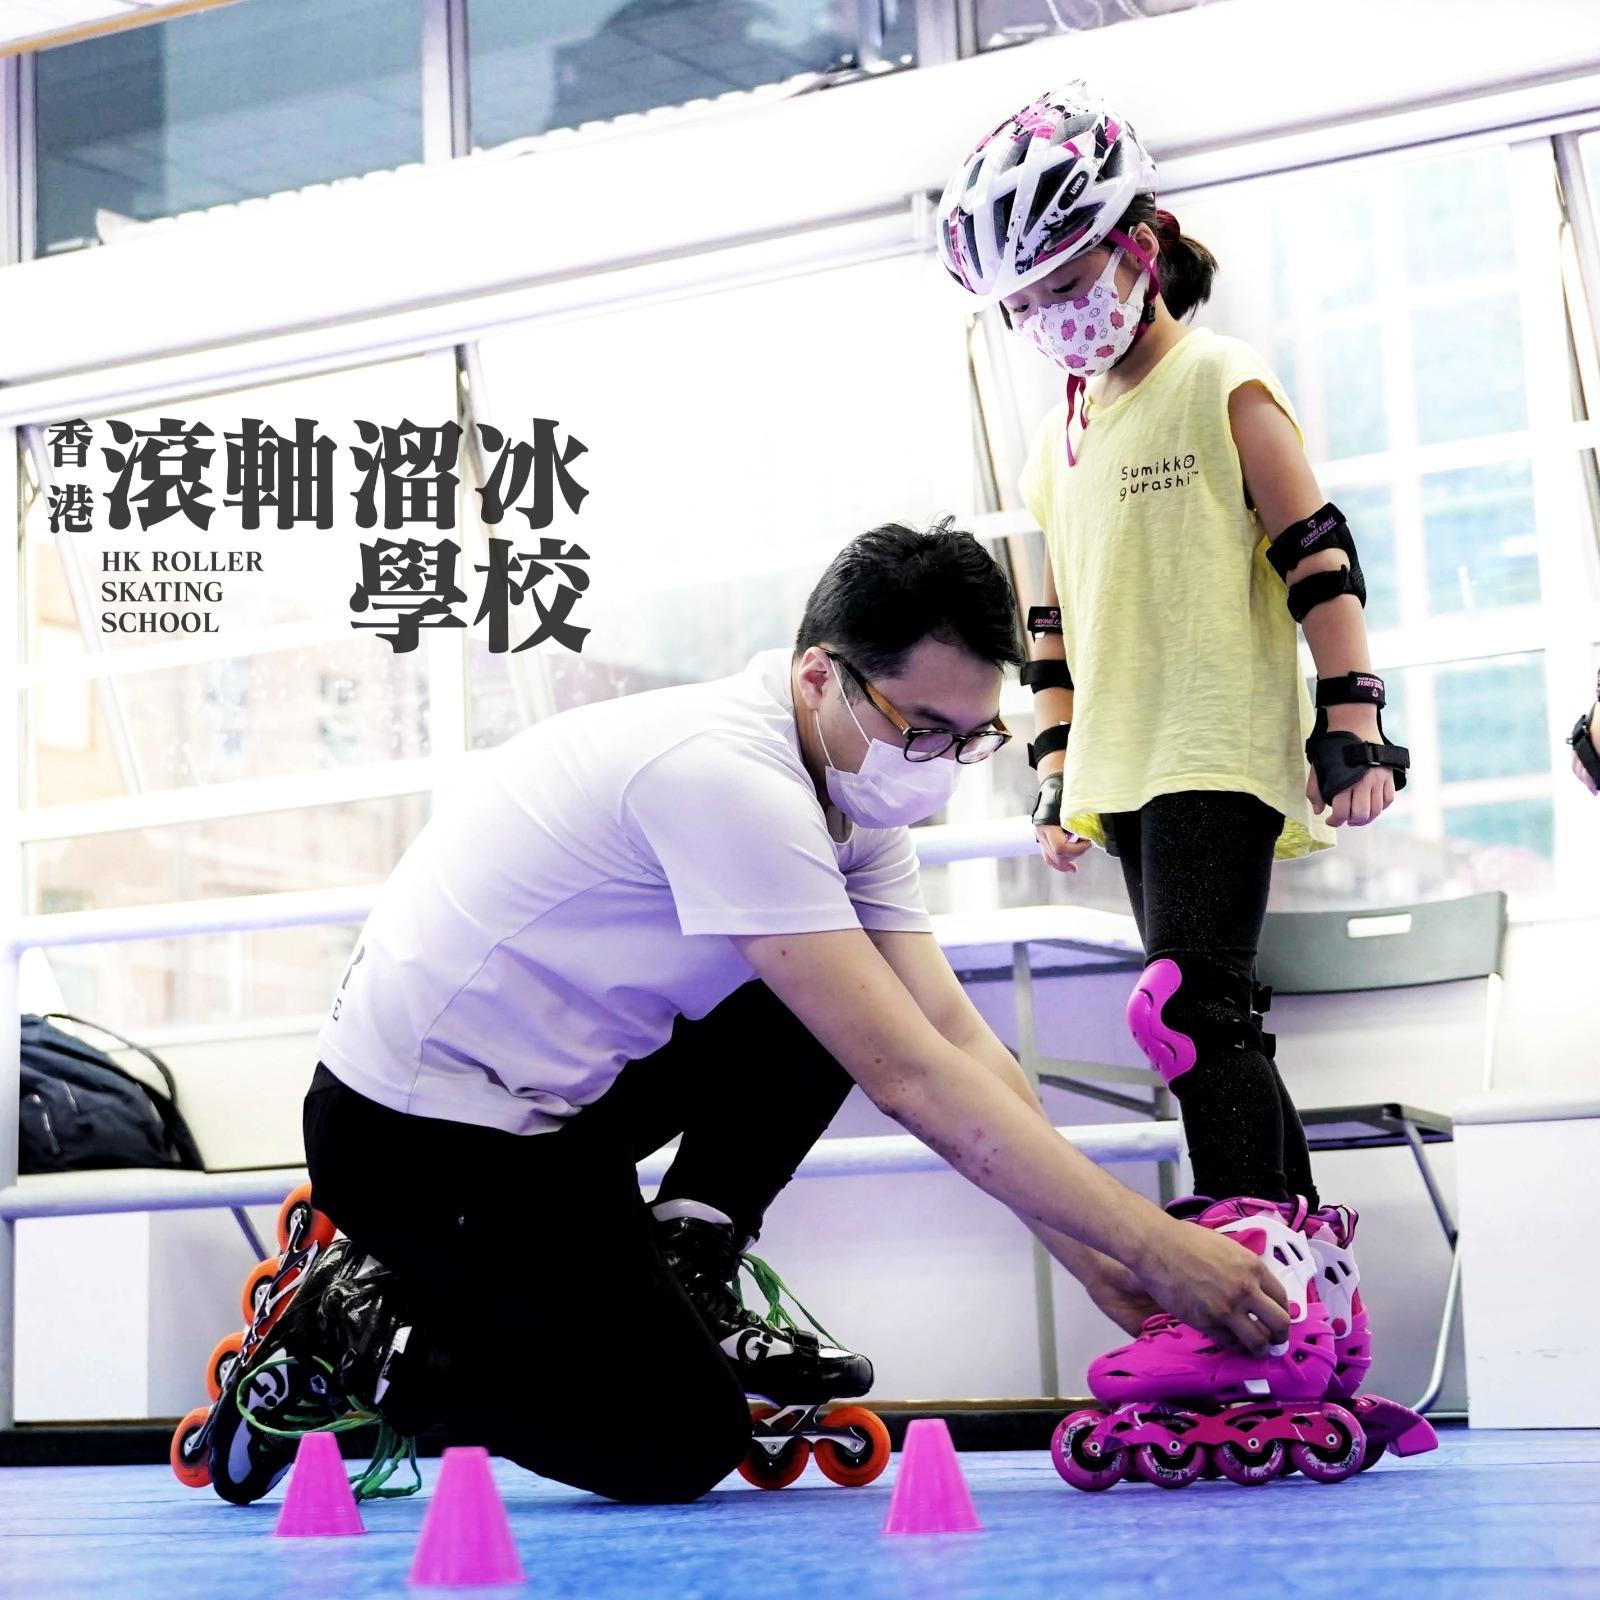 { en: 'Hong Kong Roller Skating School', cn: '香港滾軸溜冰學校' } 1